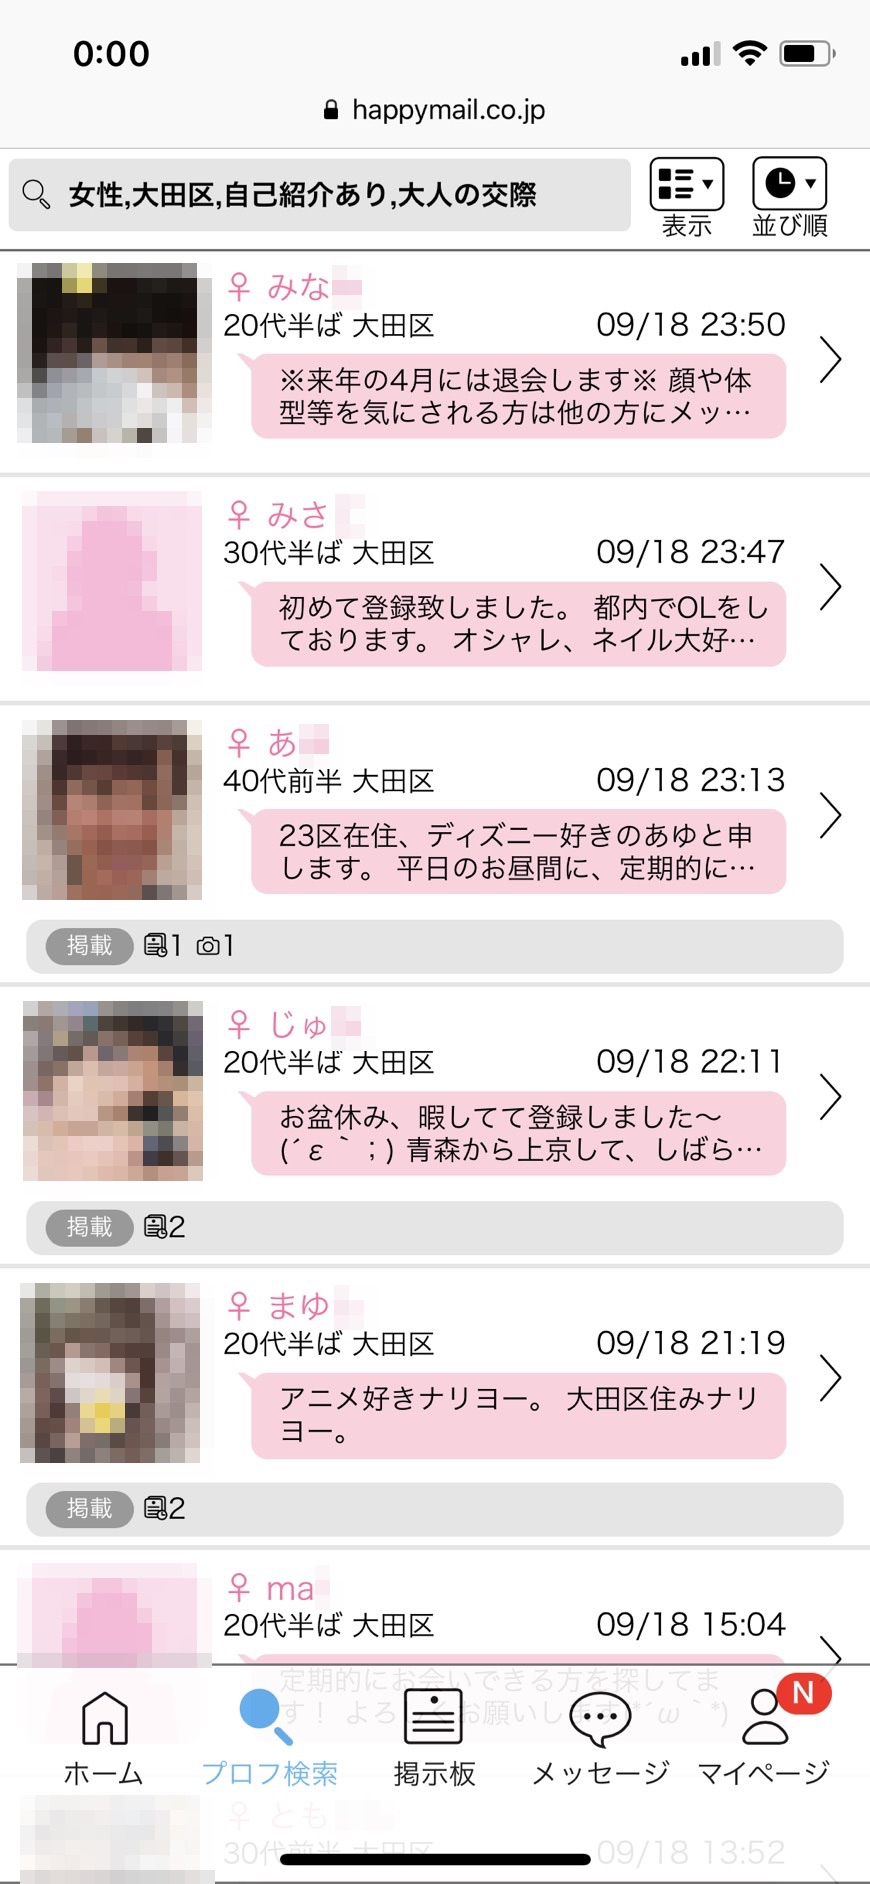 蒲田・セフレ希望(ハッピーメール)